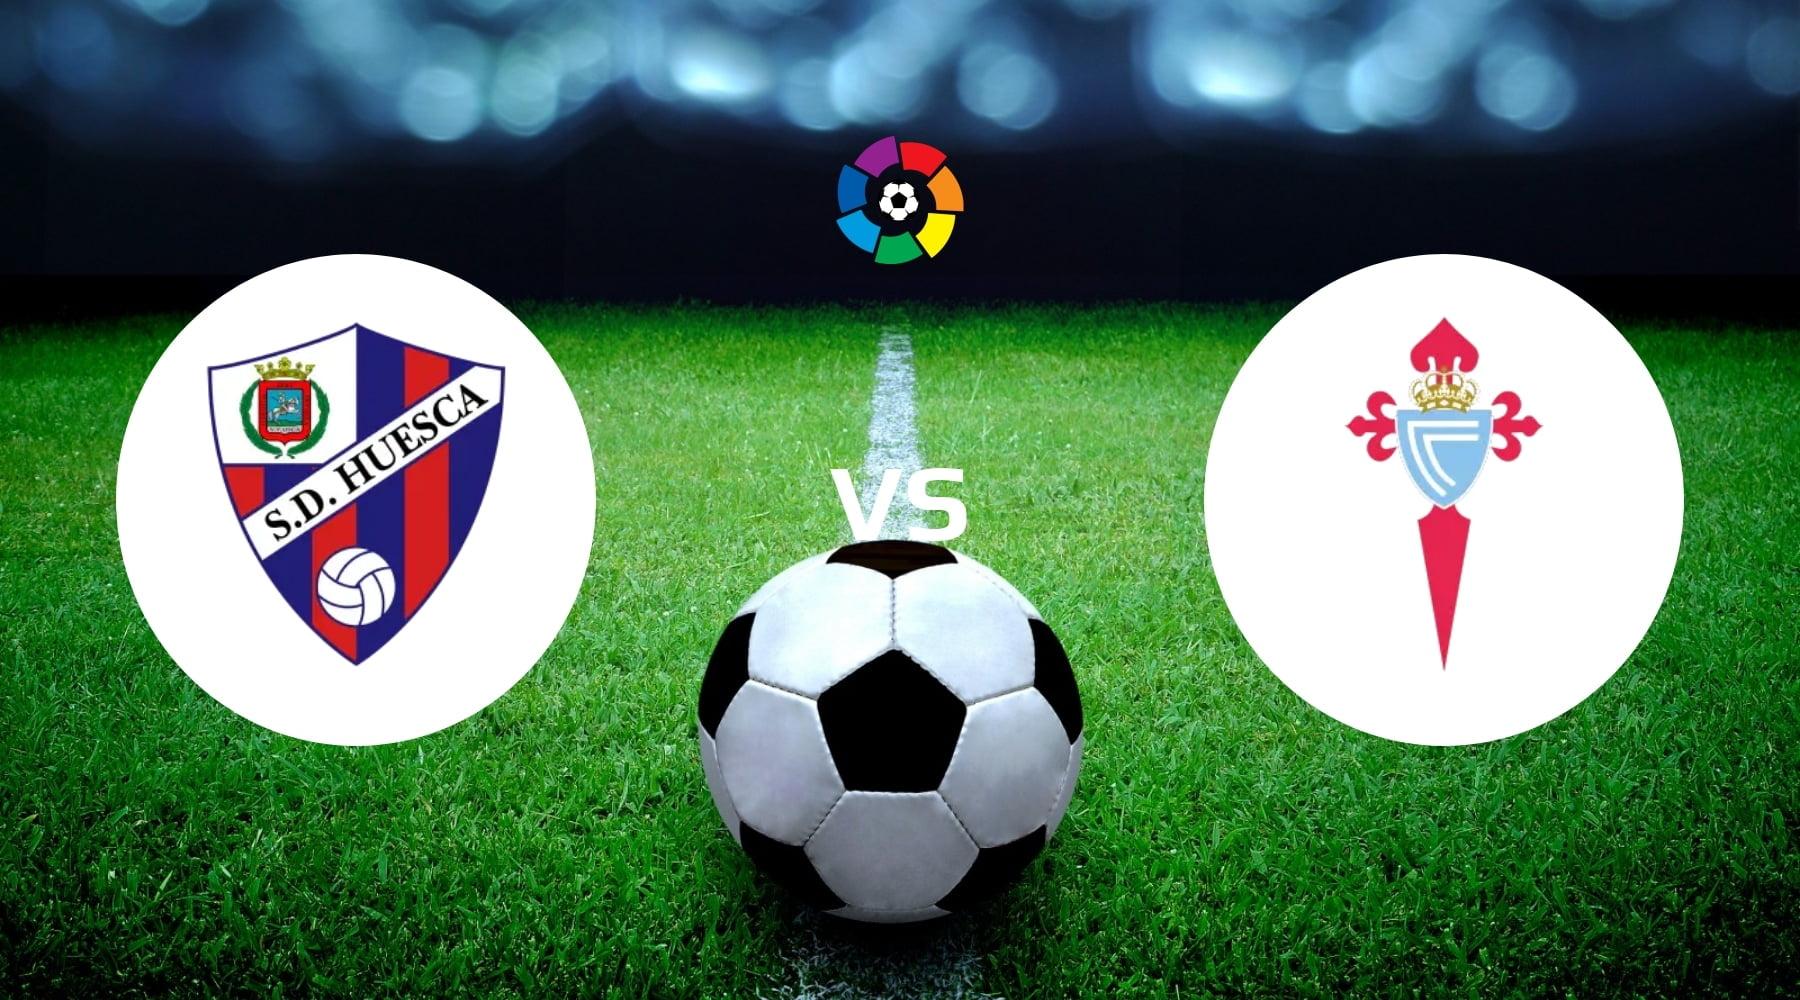 SD Huesca vs Celta Vigo Betting